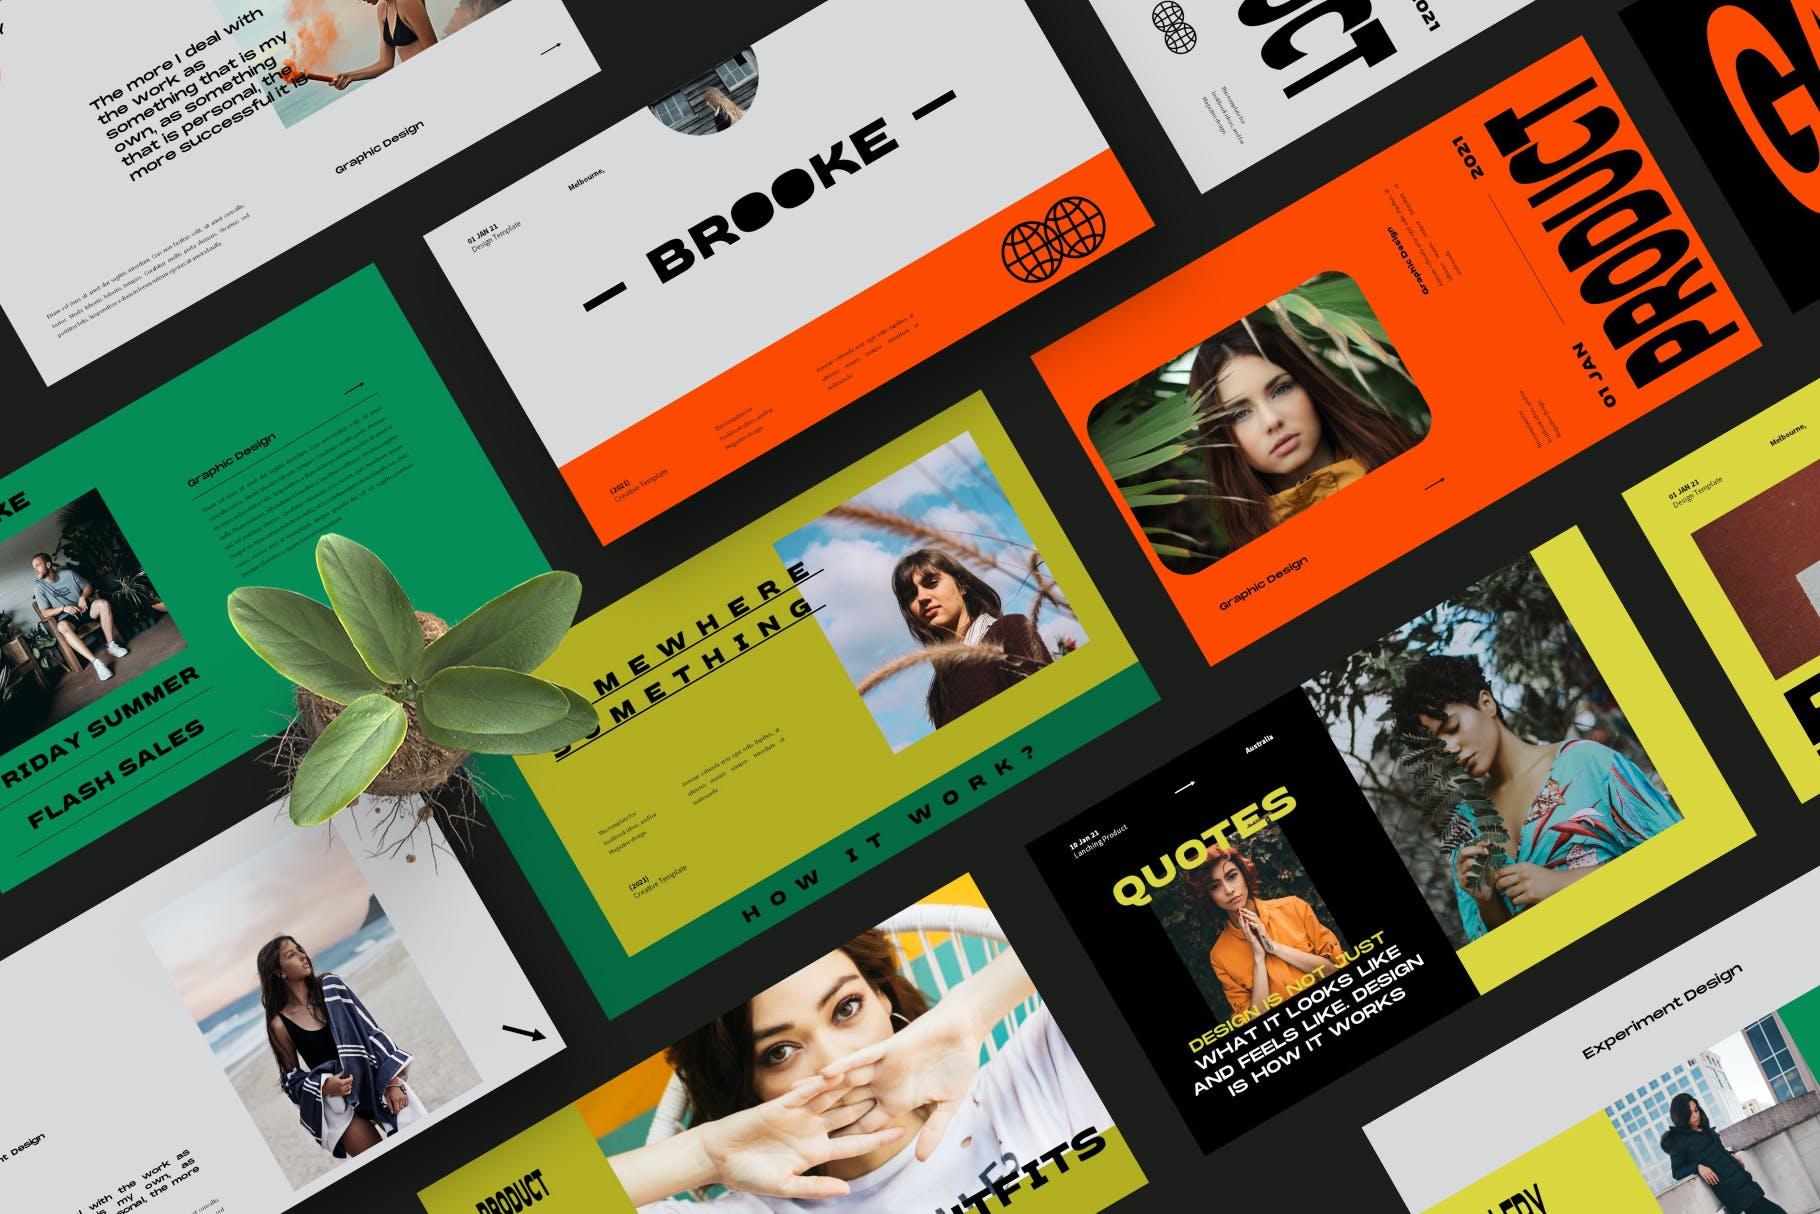 时尚潮流品牌策划案提案简报设计演示文稿模板 Brooke Powerpoint Template插图2